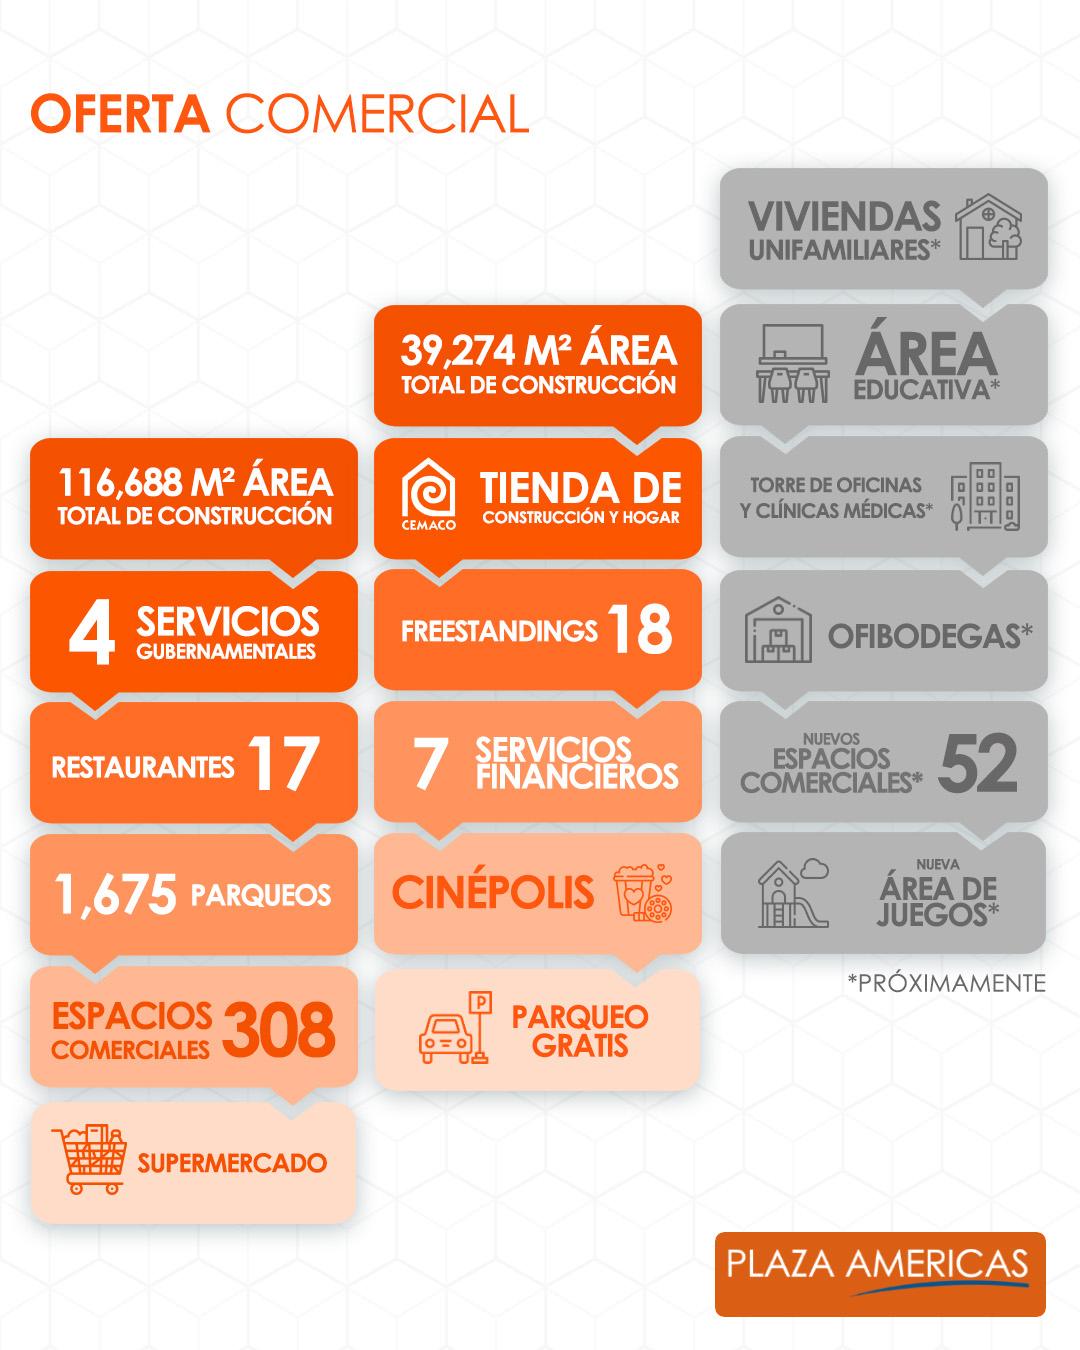 Oferta Comercial Centro Comercial Plaza Américas, Mazatenango, Suchitepéquez